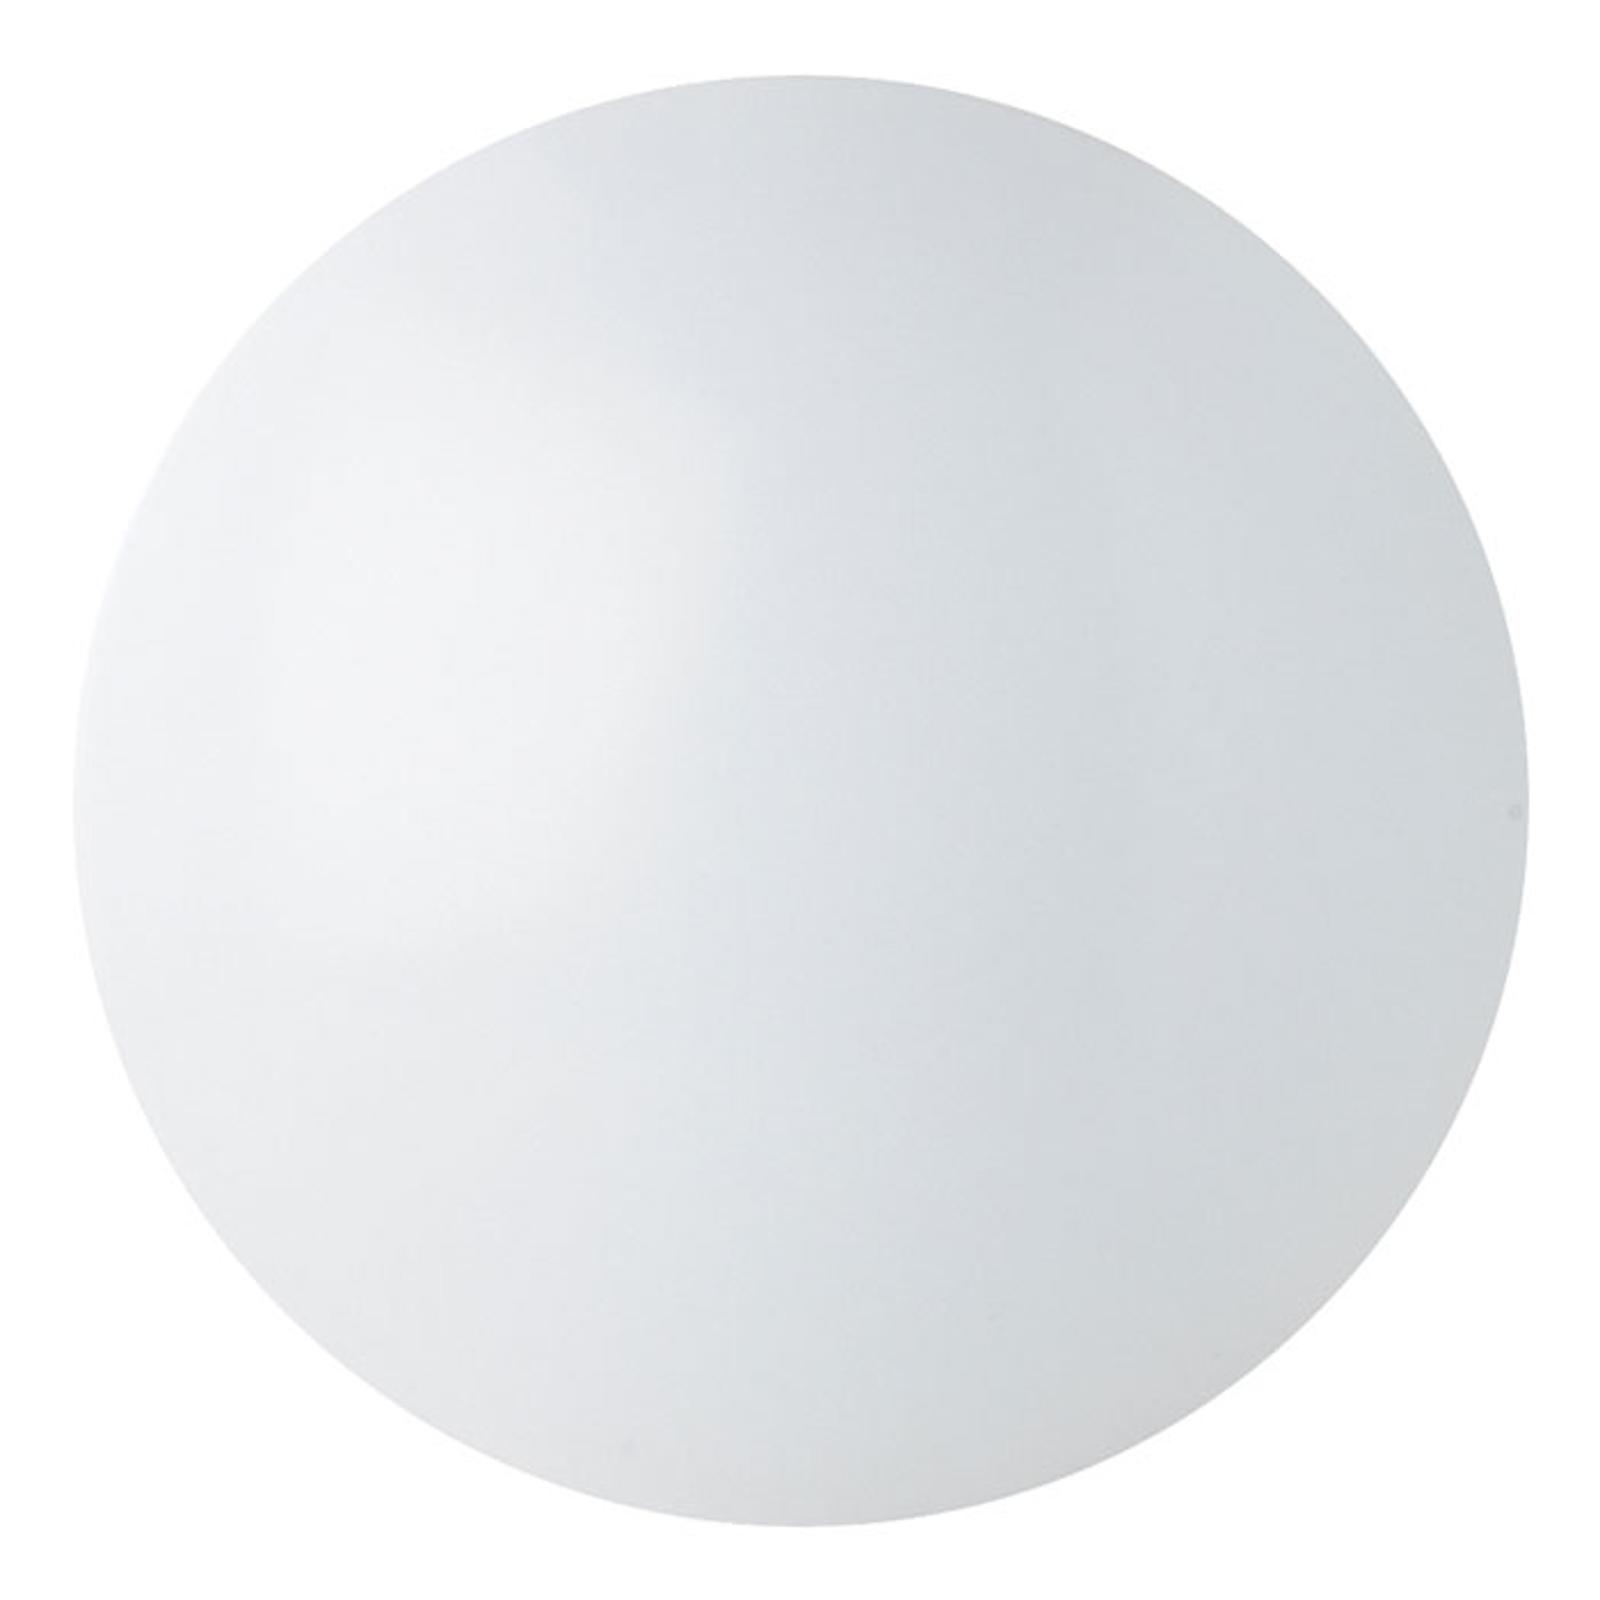 Renzo - runde LED-Deckenleuchte IP44 universalweiß